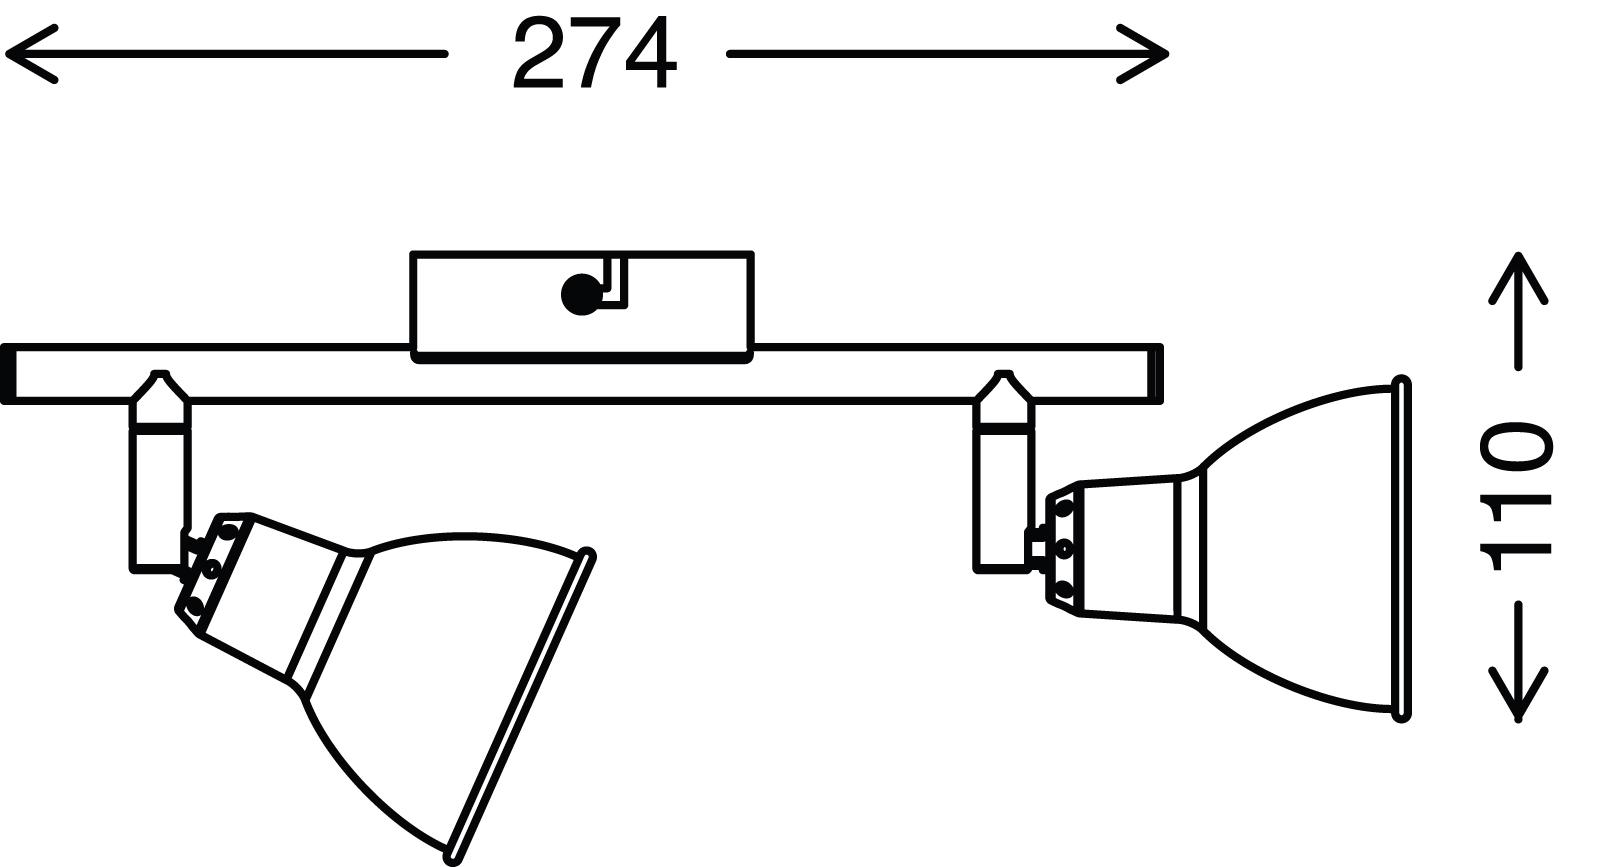 Spot Deckenleuchte, 27,4 cm, 6 W, Kupfer